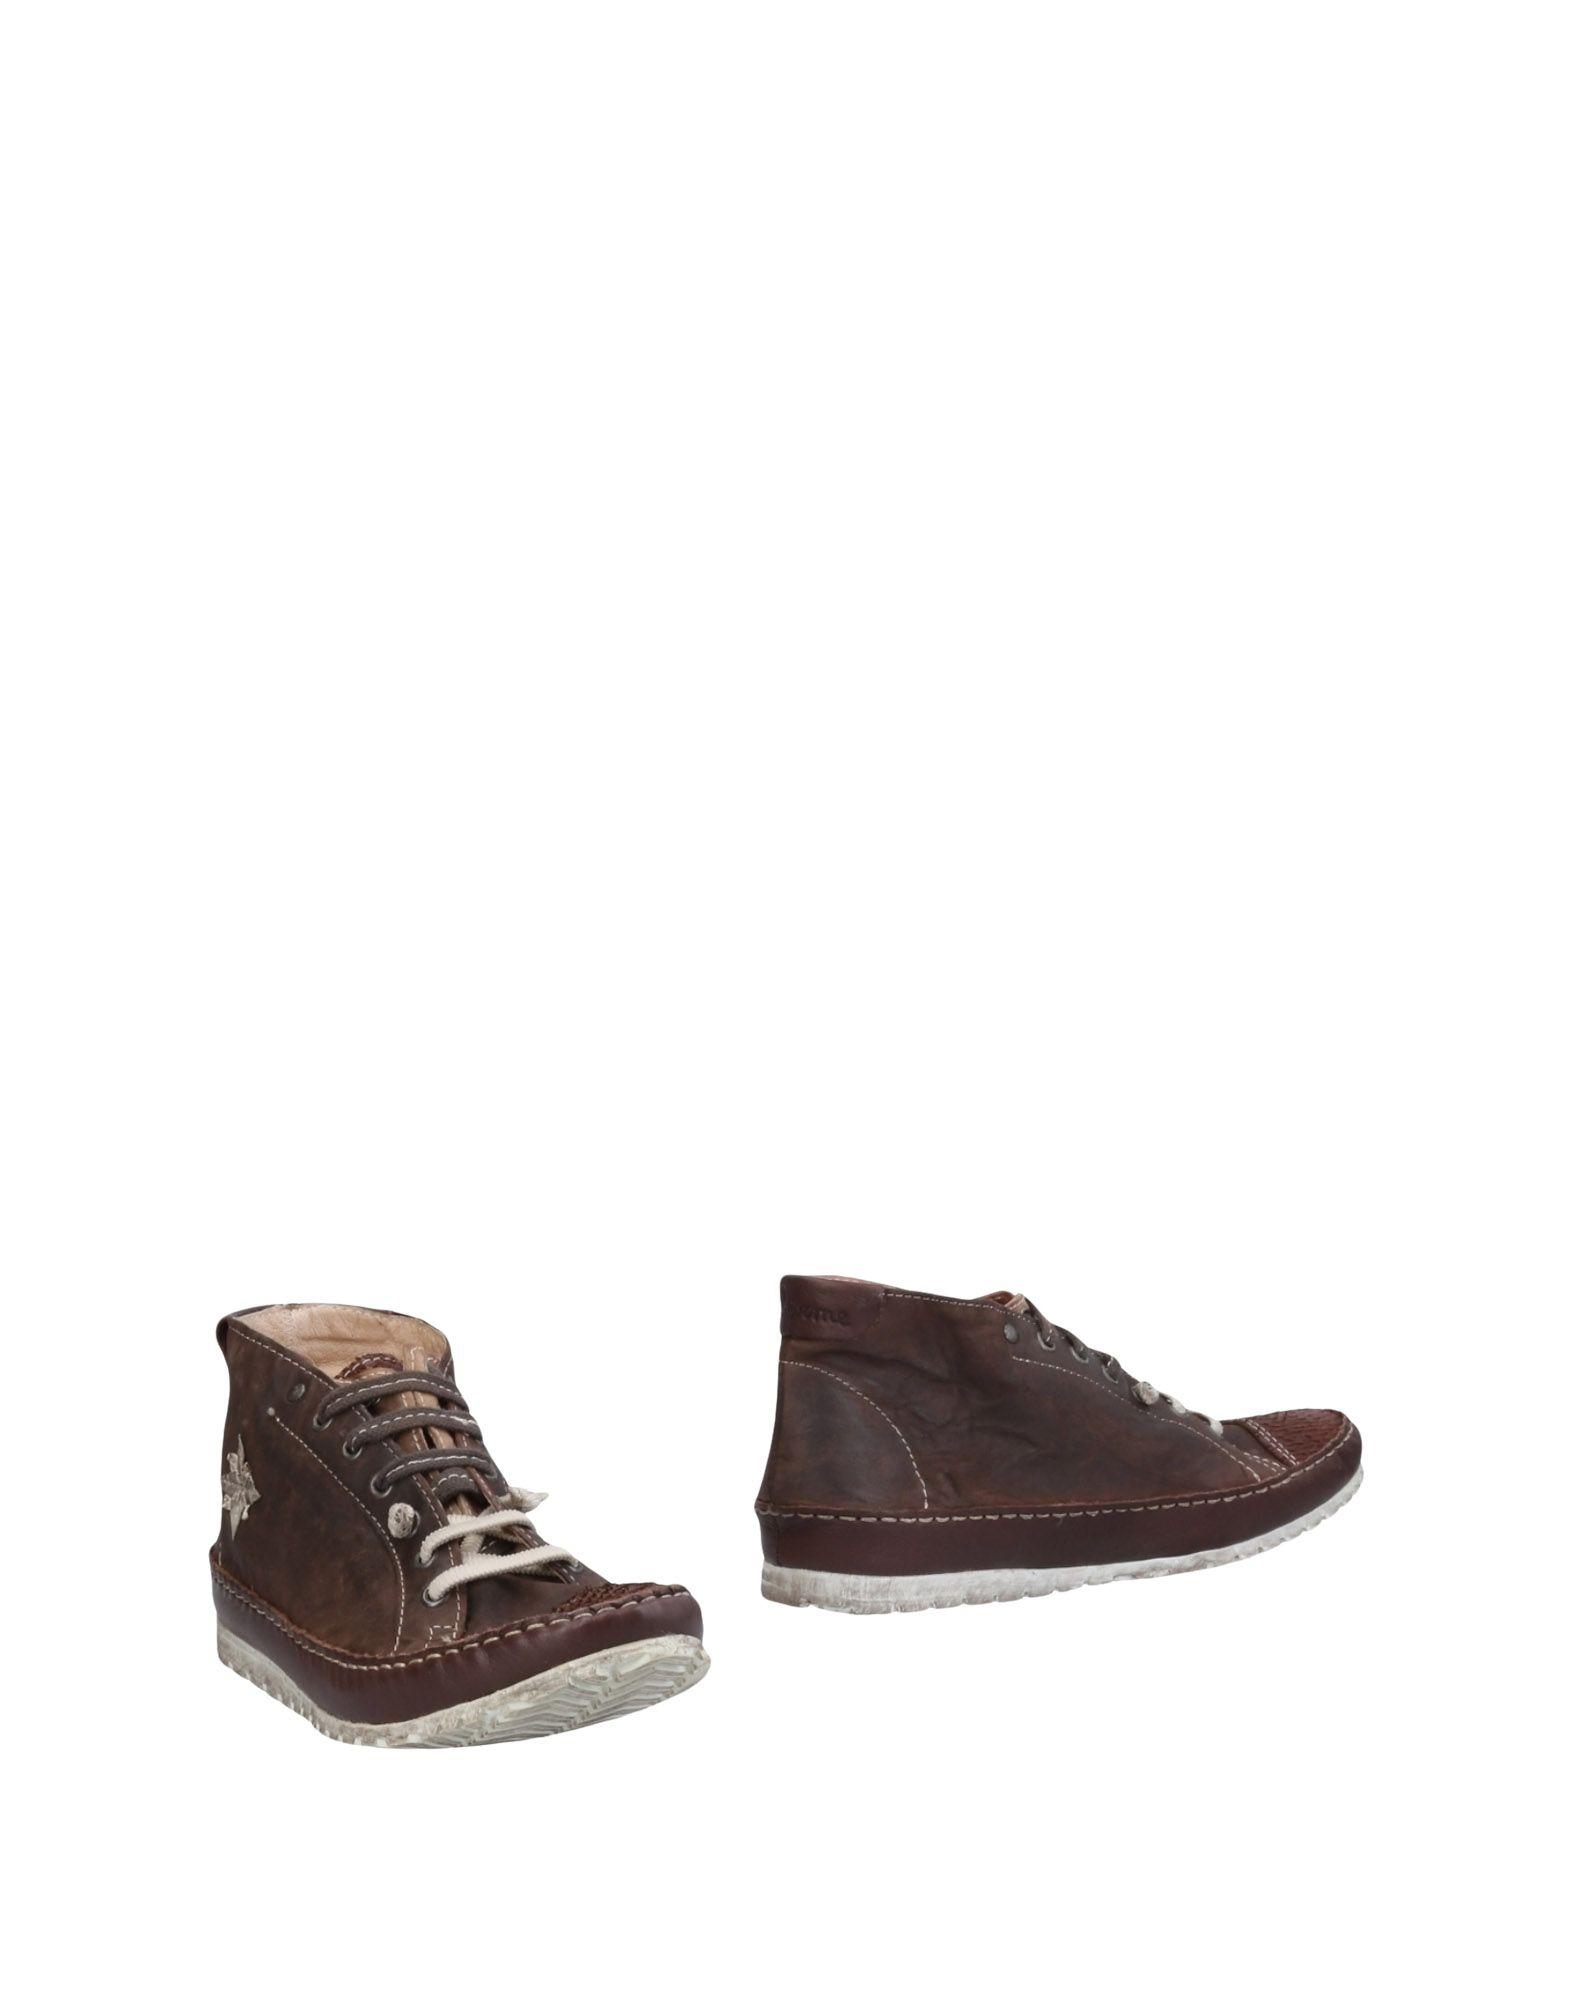 Clocharme Sneakers Damen  beliebte 11461851FP Gute Qualität beliebte  Schuhe b5271b